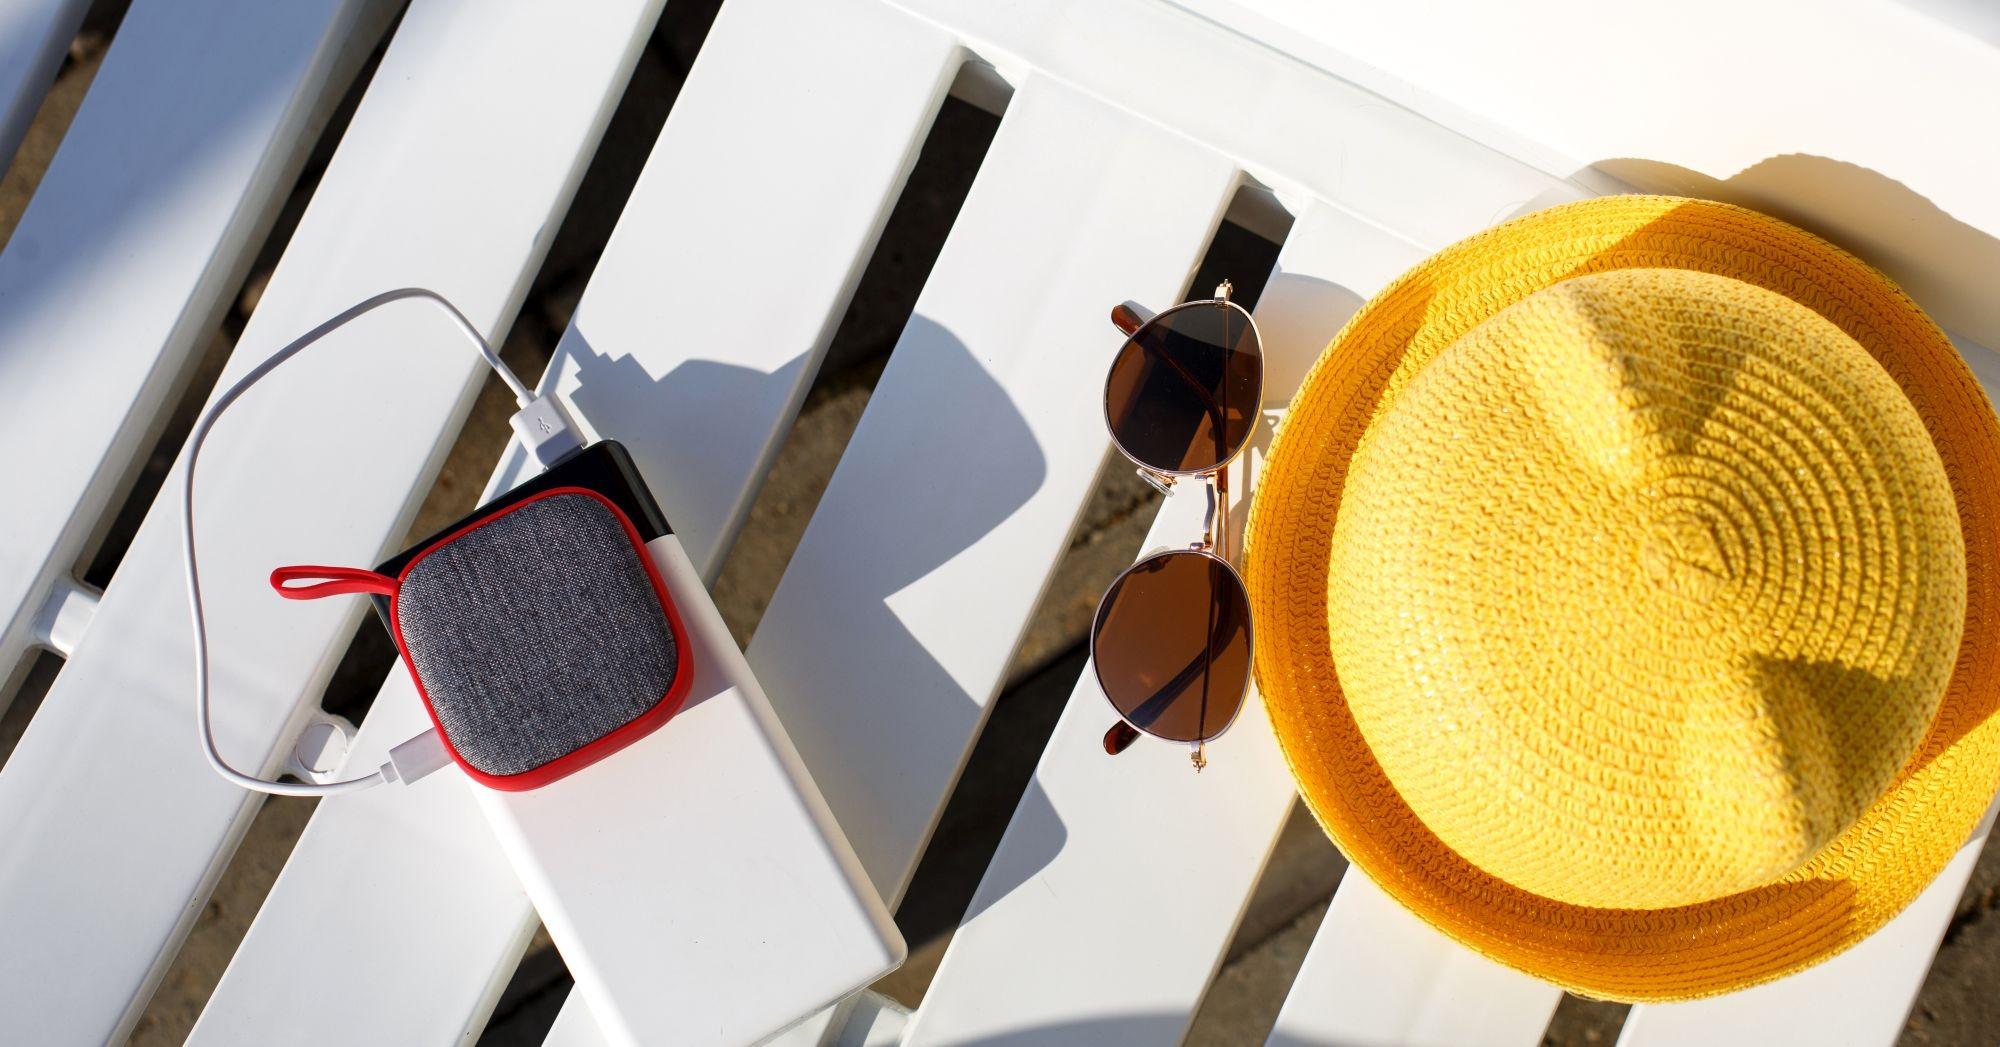 Bluetooth hangszóró töltés közben a strandon